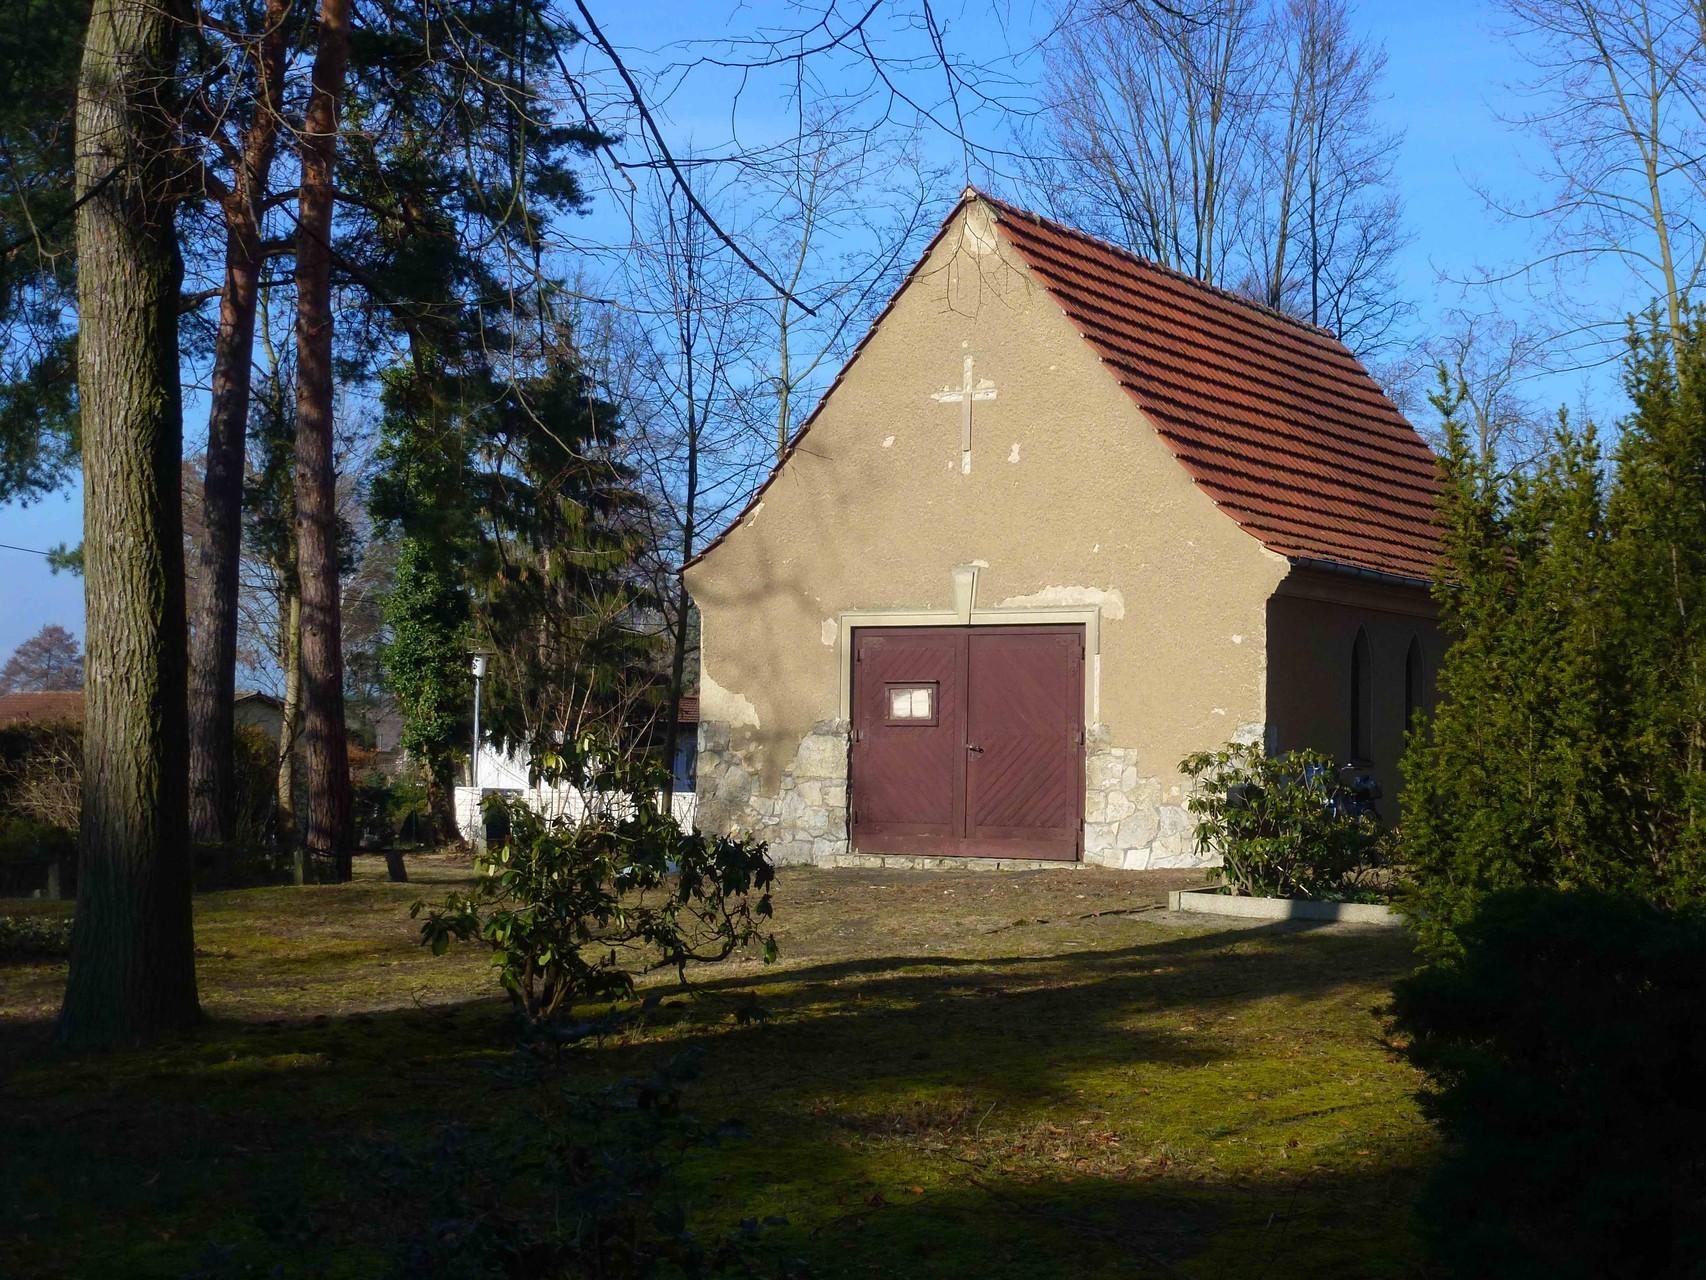 ehemalige Aussegnungshalle auf dem alten Friedhof